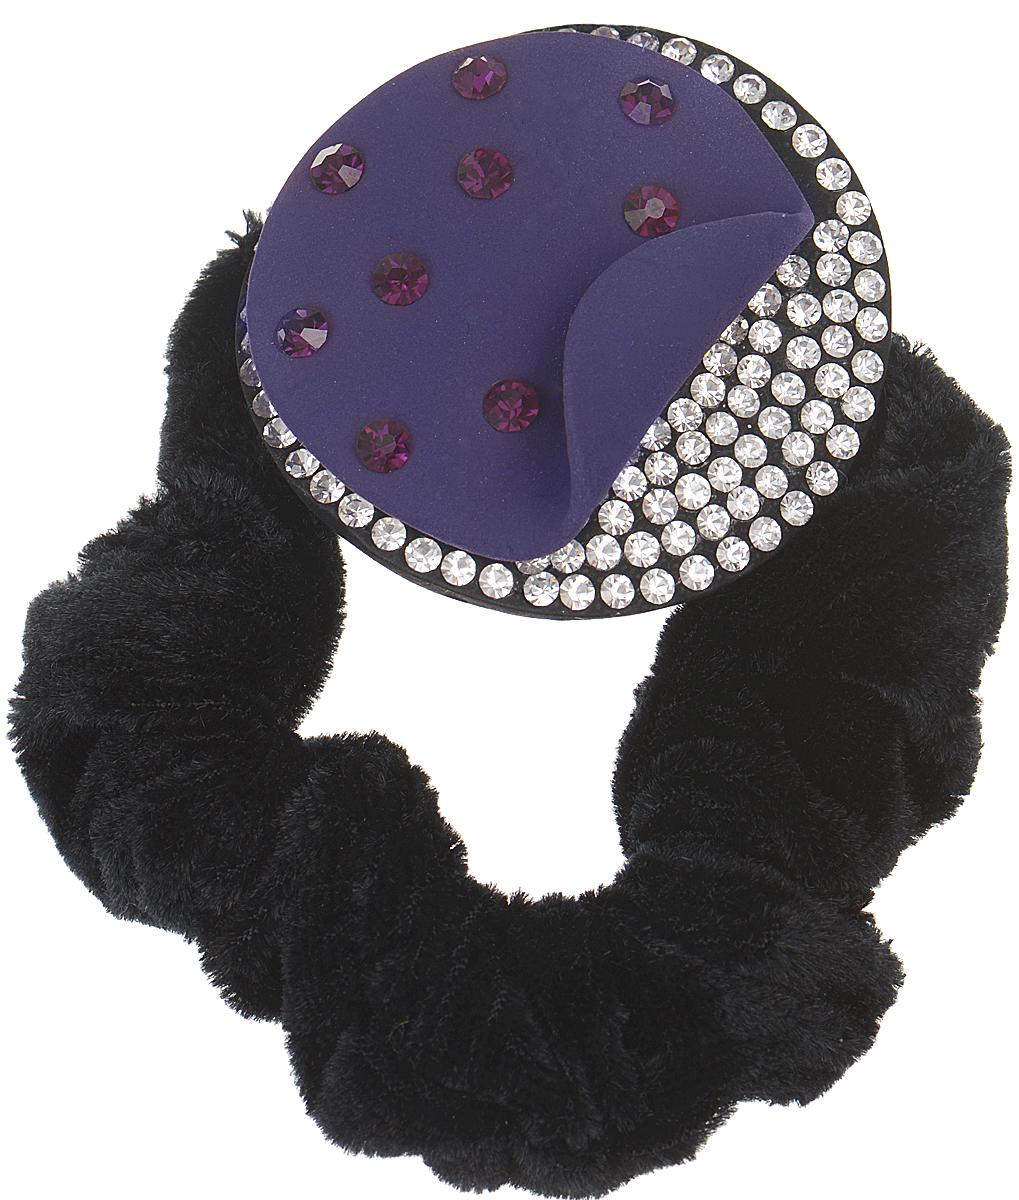 Резинка для волос Fashion House, цвет: черный, фиолетовый, серебряный. FH24213FH24213На бархотной резинке украшение в виде круга,усыпанного крупными и мелкими стразами